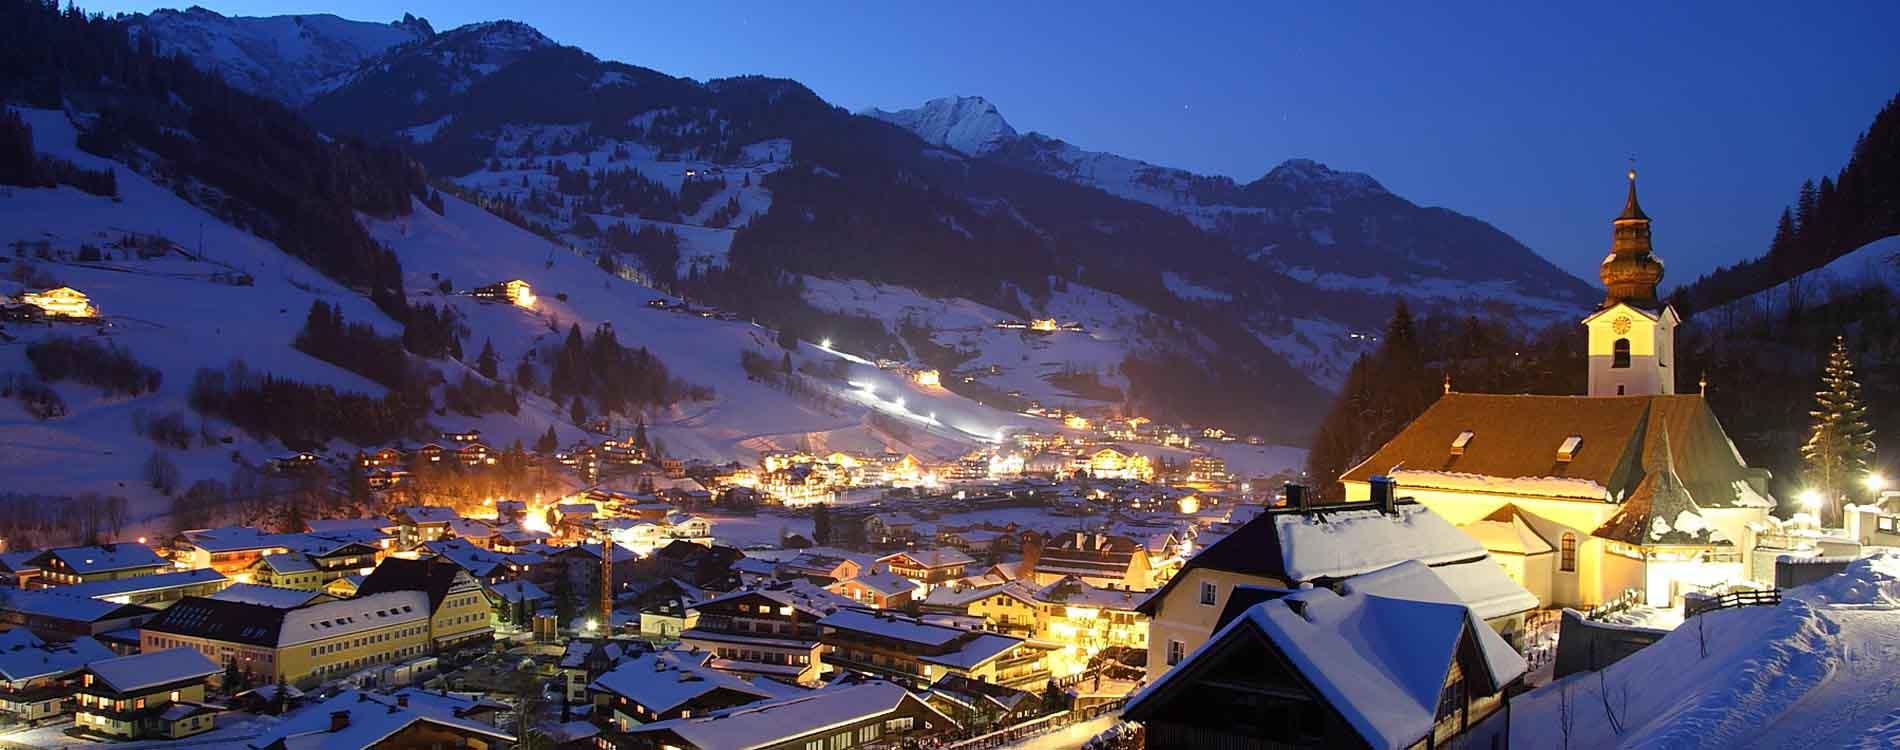 New Year at Small Luxury Hotel Grossarler Hof Grossarl Salzburg - Niche Destinations